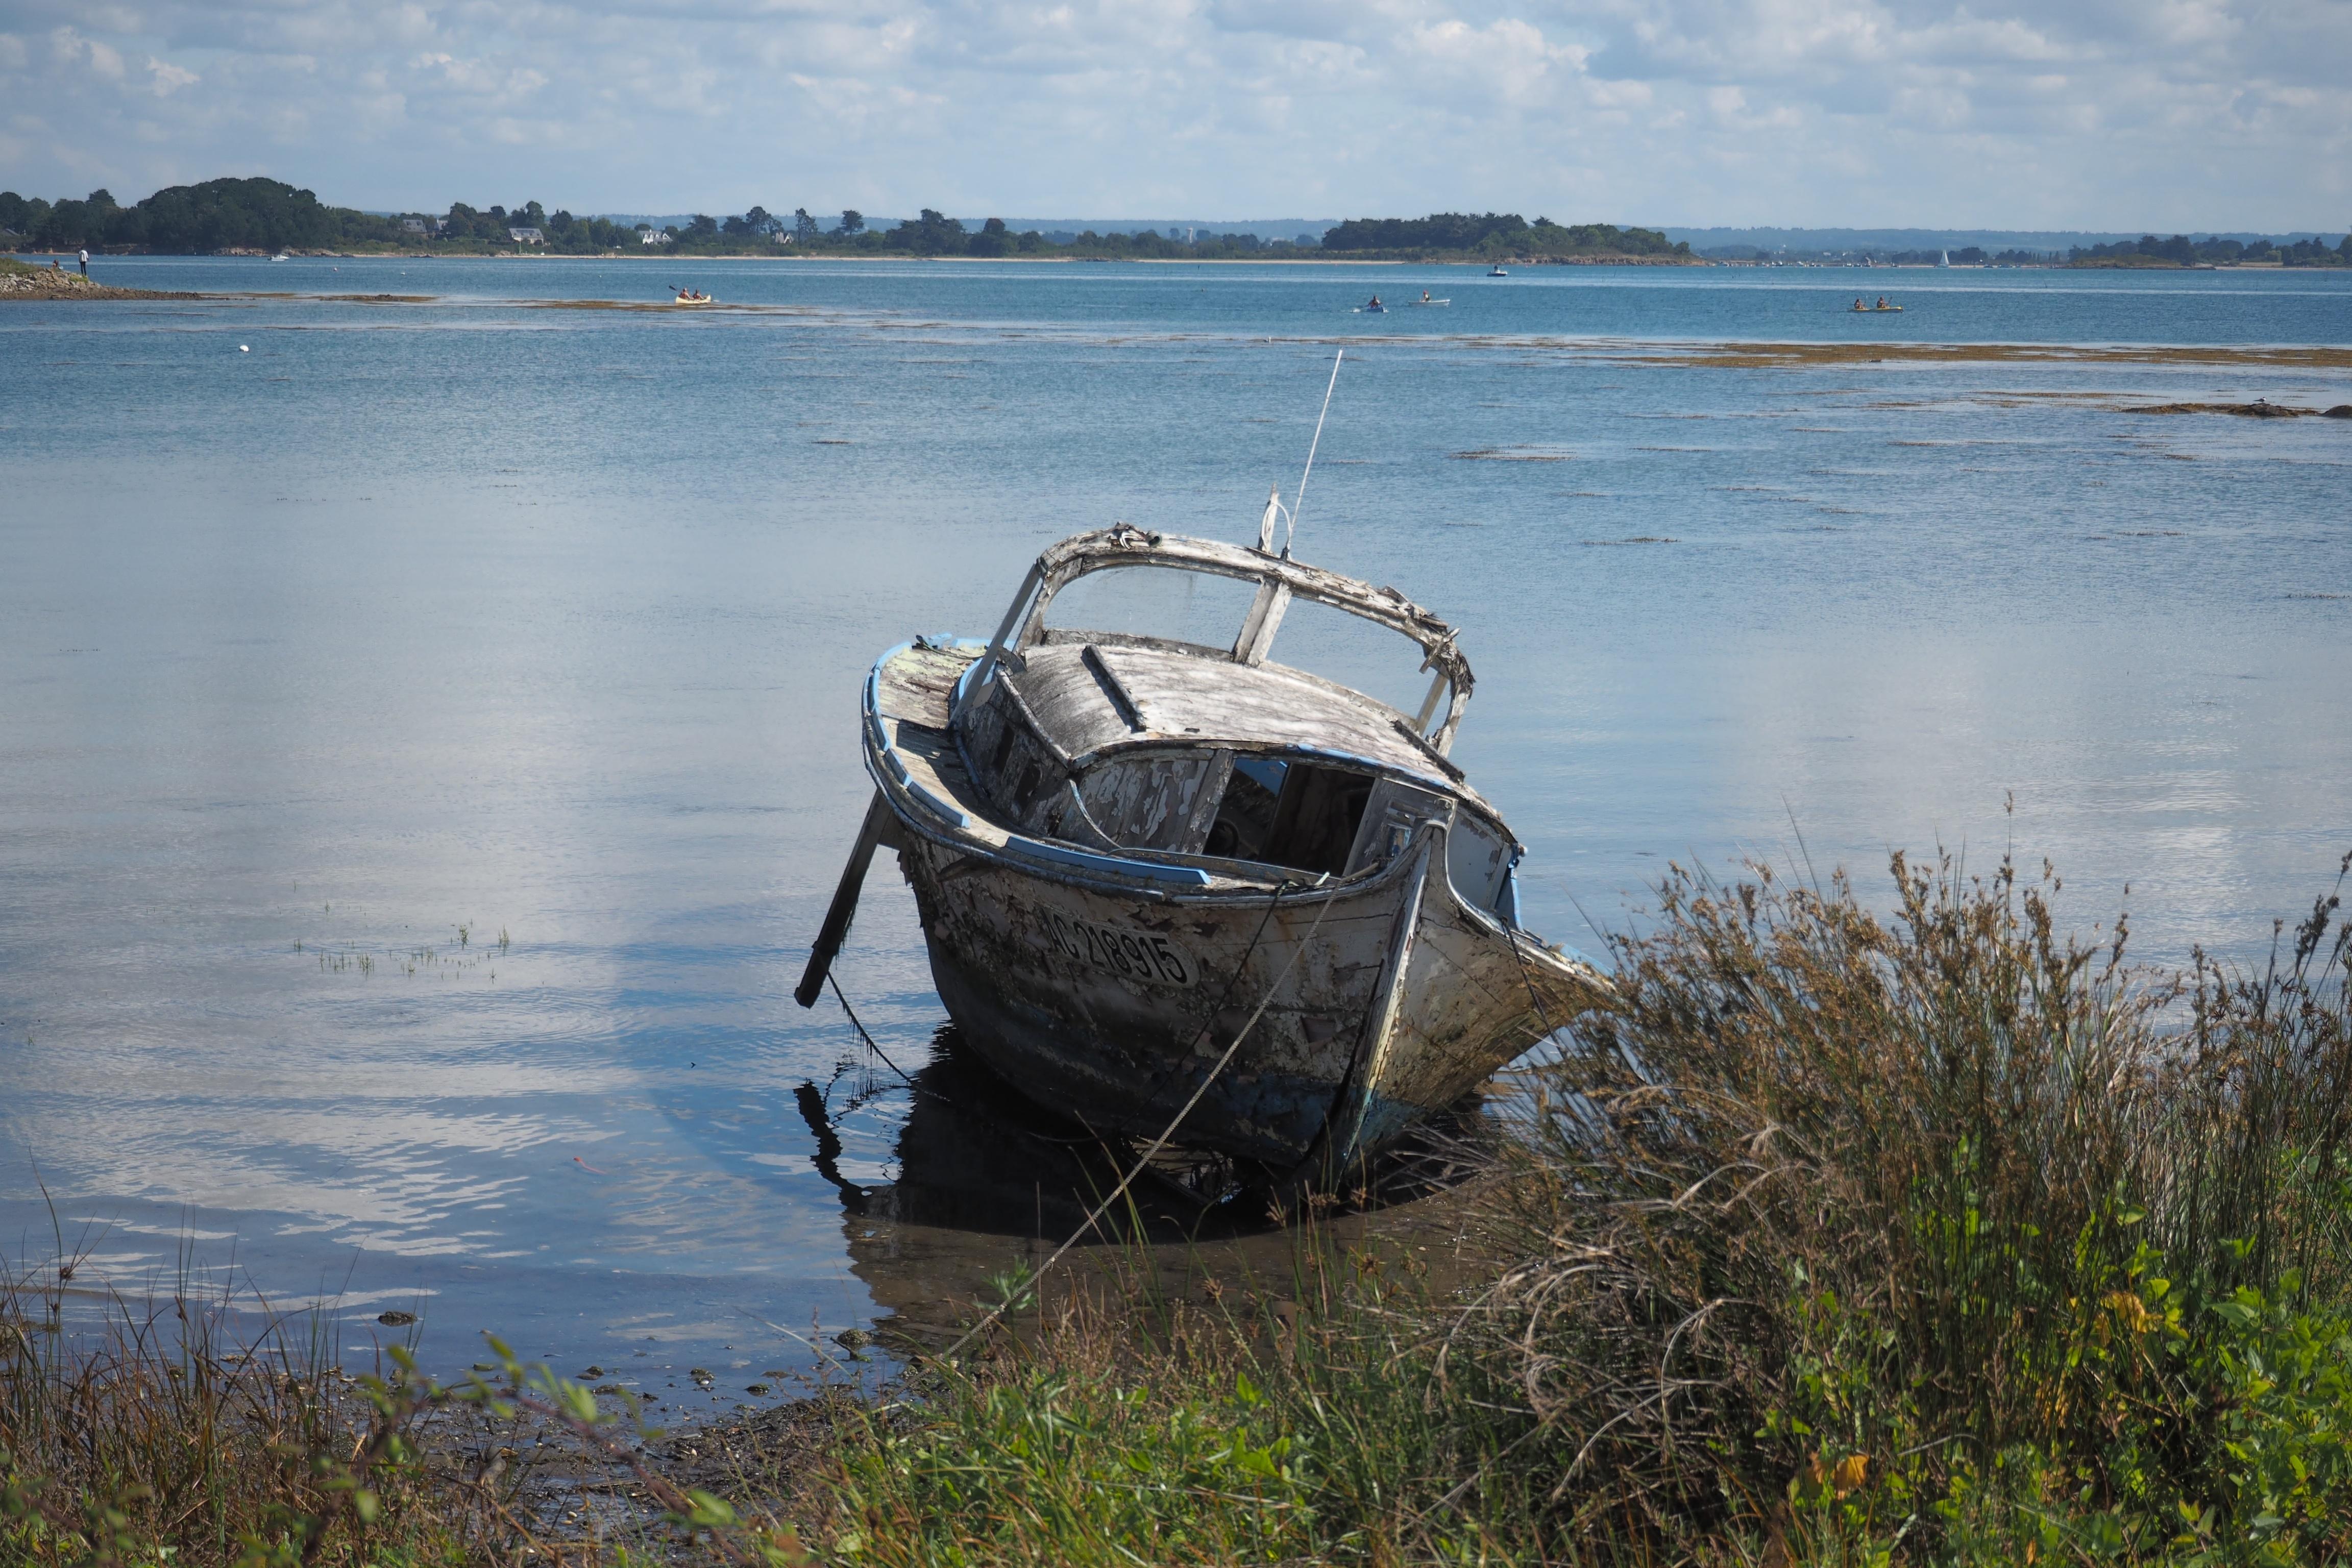 Kostenlose foto : Meer, Küste, Wasser, Seil, Boot, Ufer, See ...